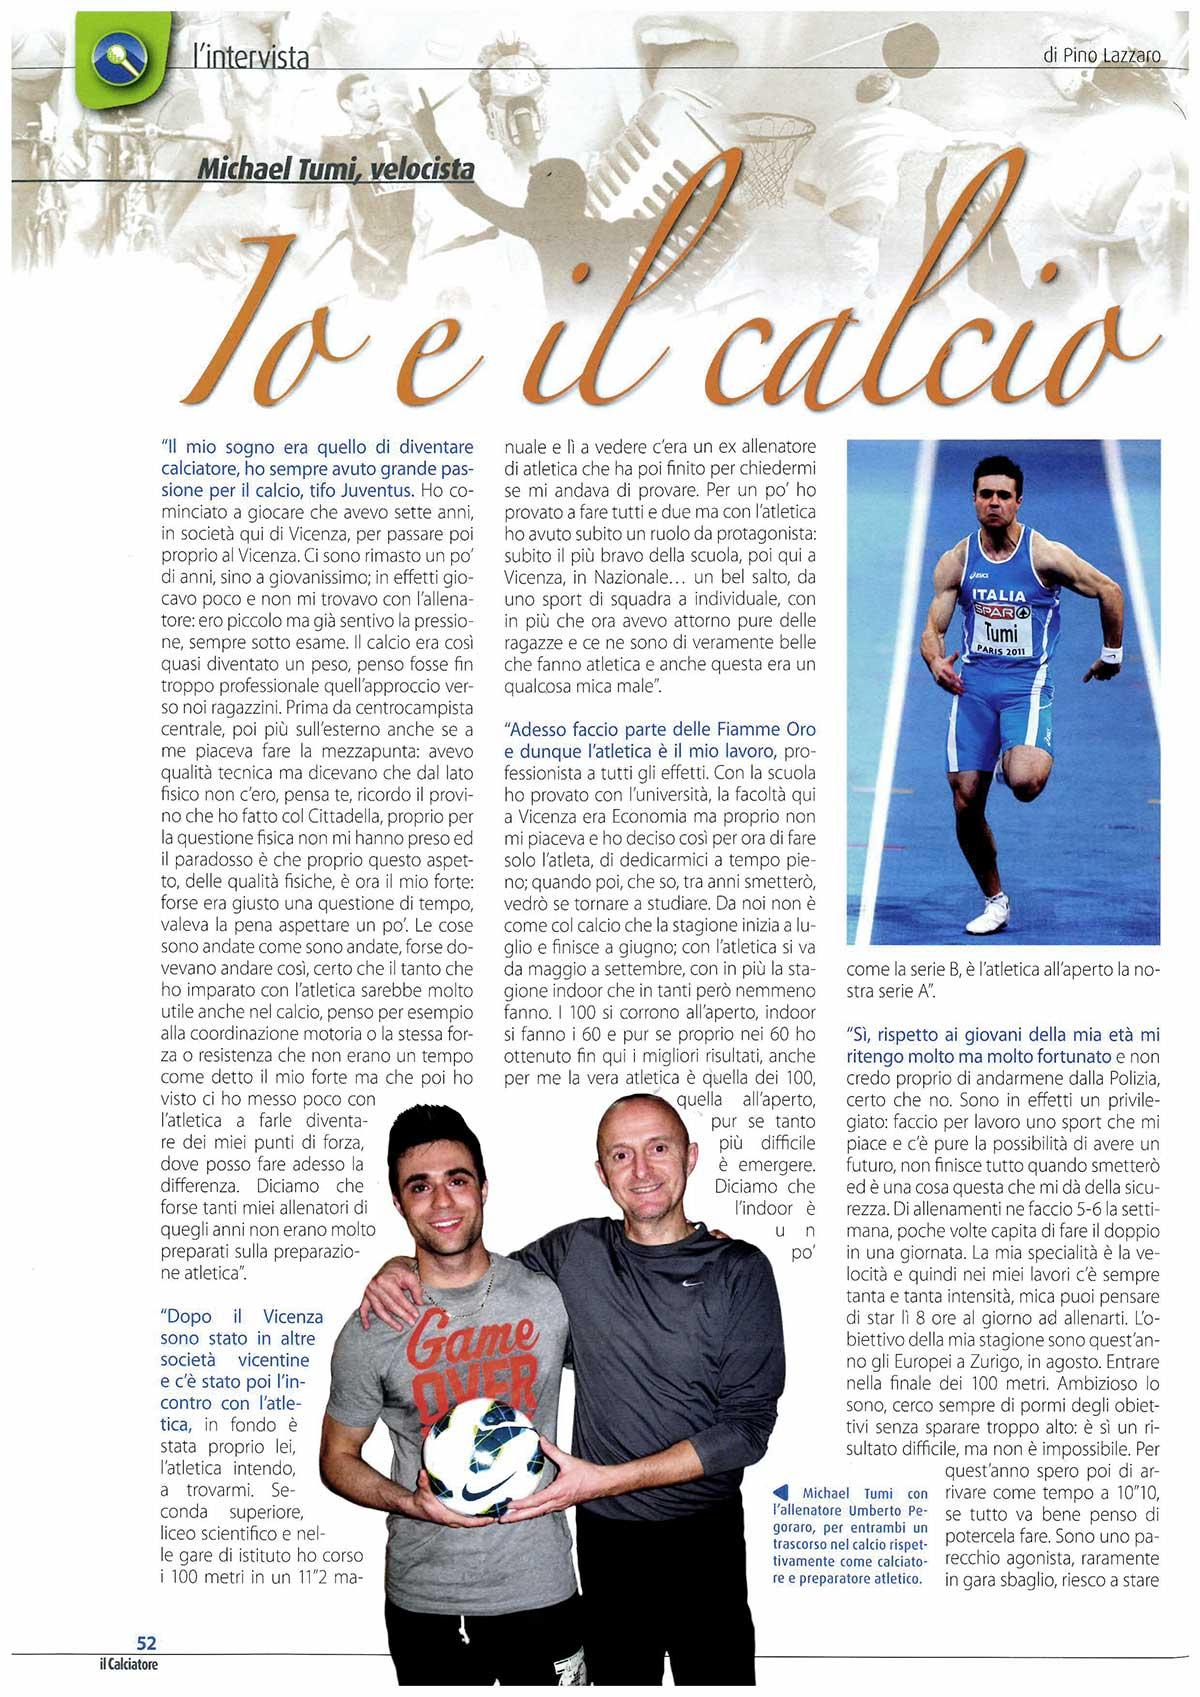 Michael Tumi - Il Calciatore - Fiamme Oro Atletica